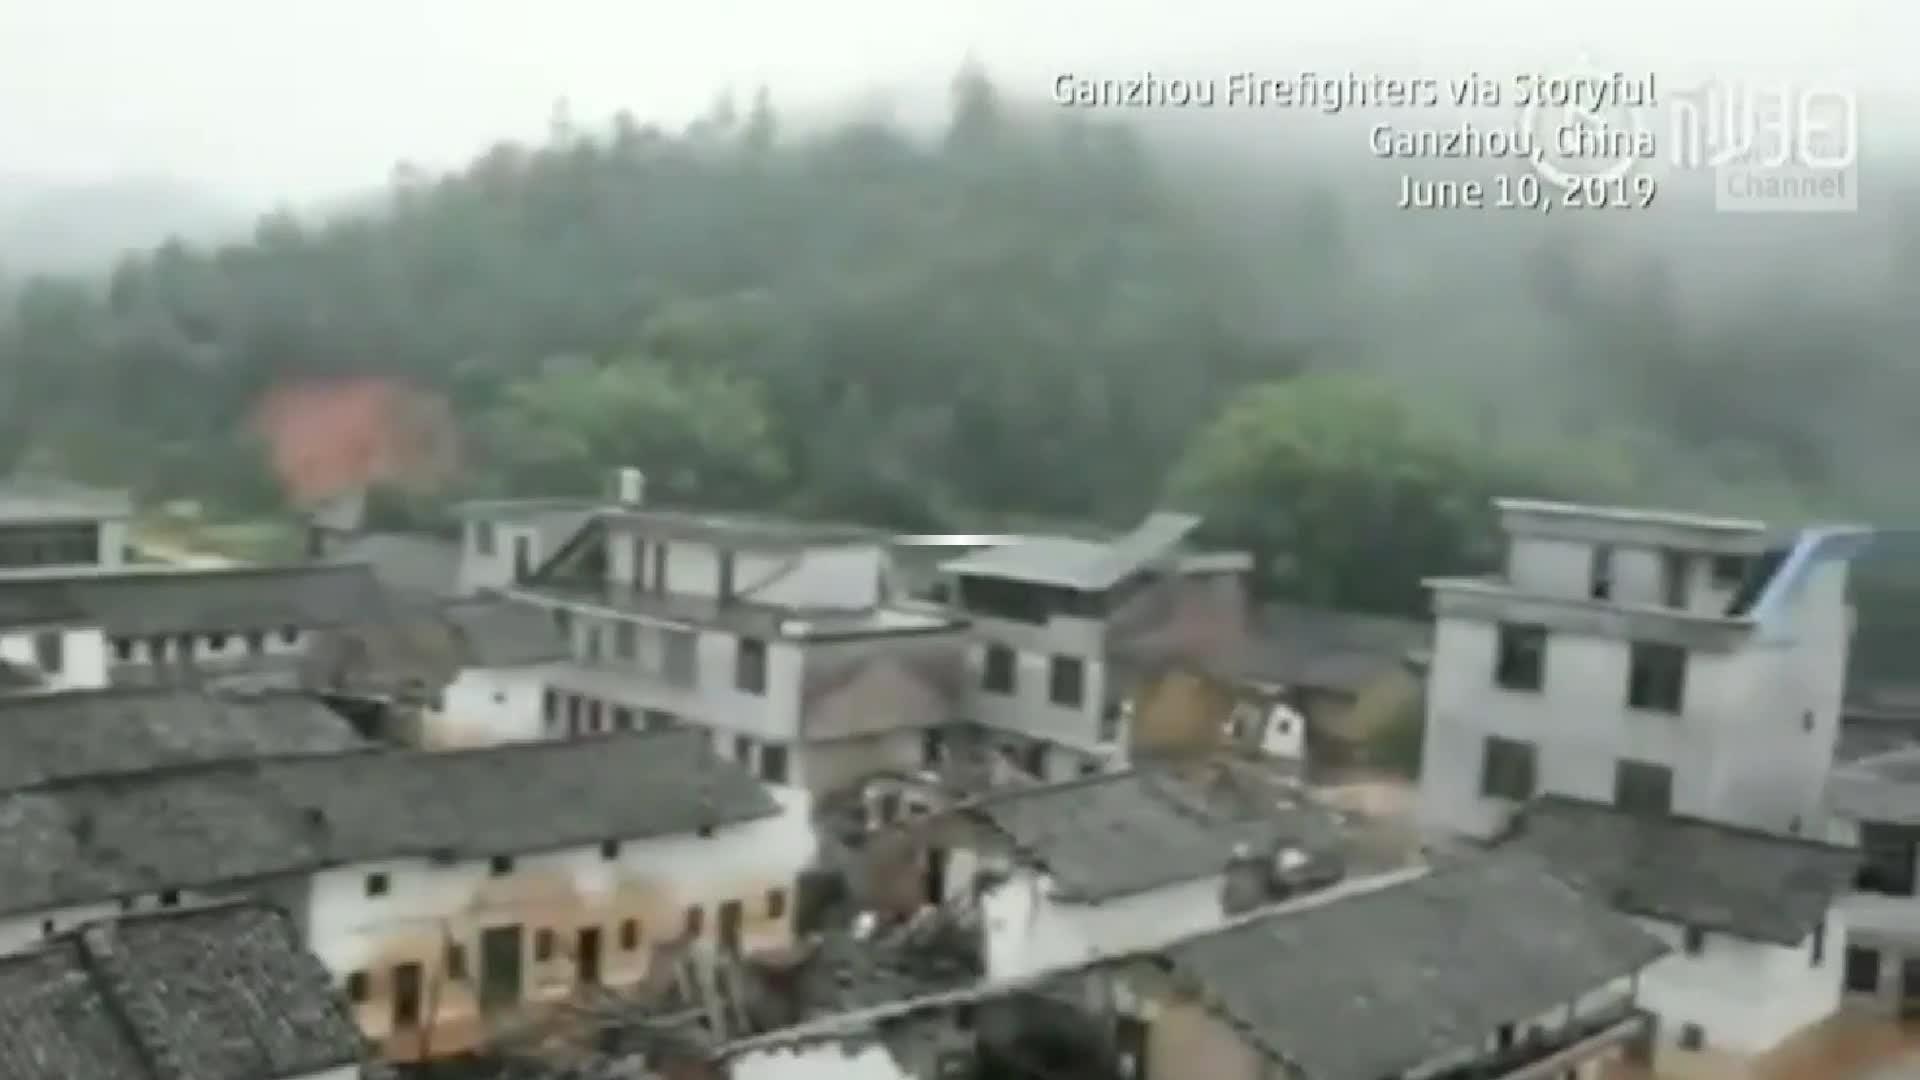 Lluvias torrenciales golpearon varias provincias en el sur de China, causando inundaciones generalizadas. Según la Agencia de Noticias Xinhua, al menos 16 personas murieron y otra docena desapareció.